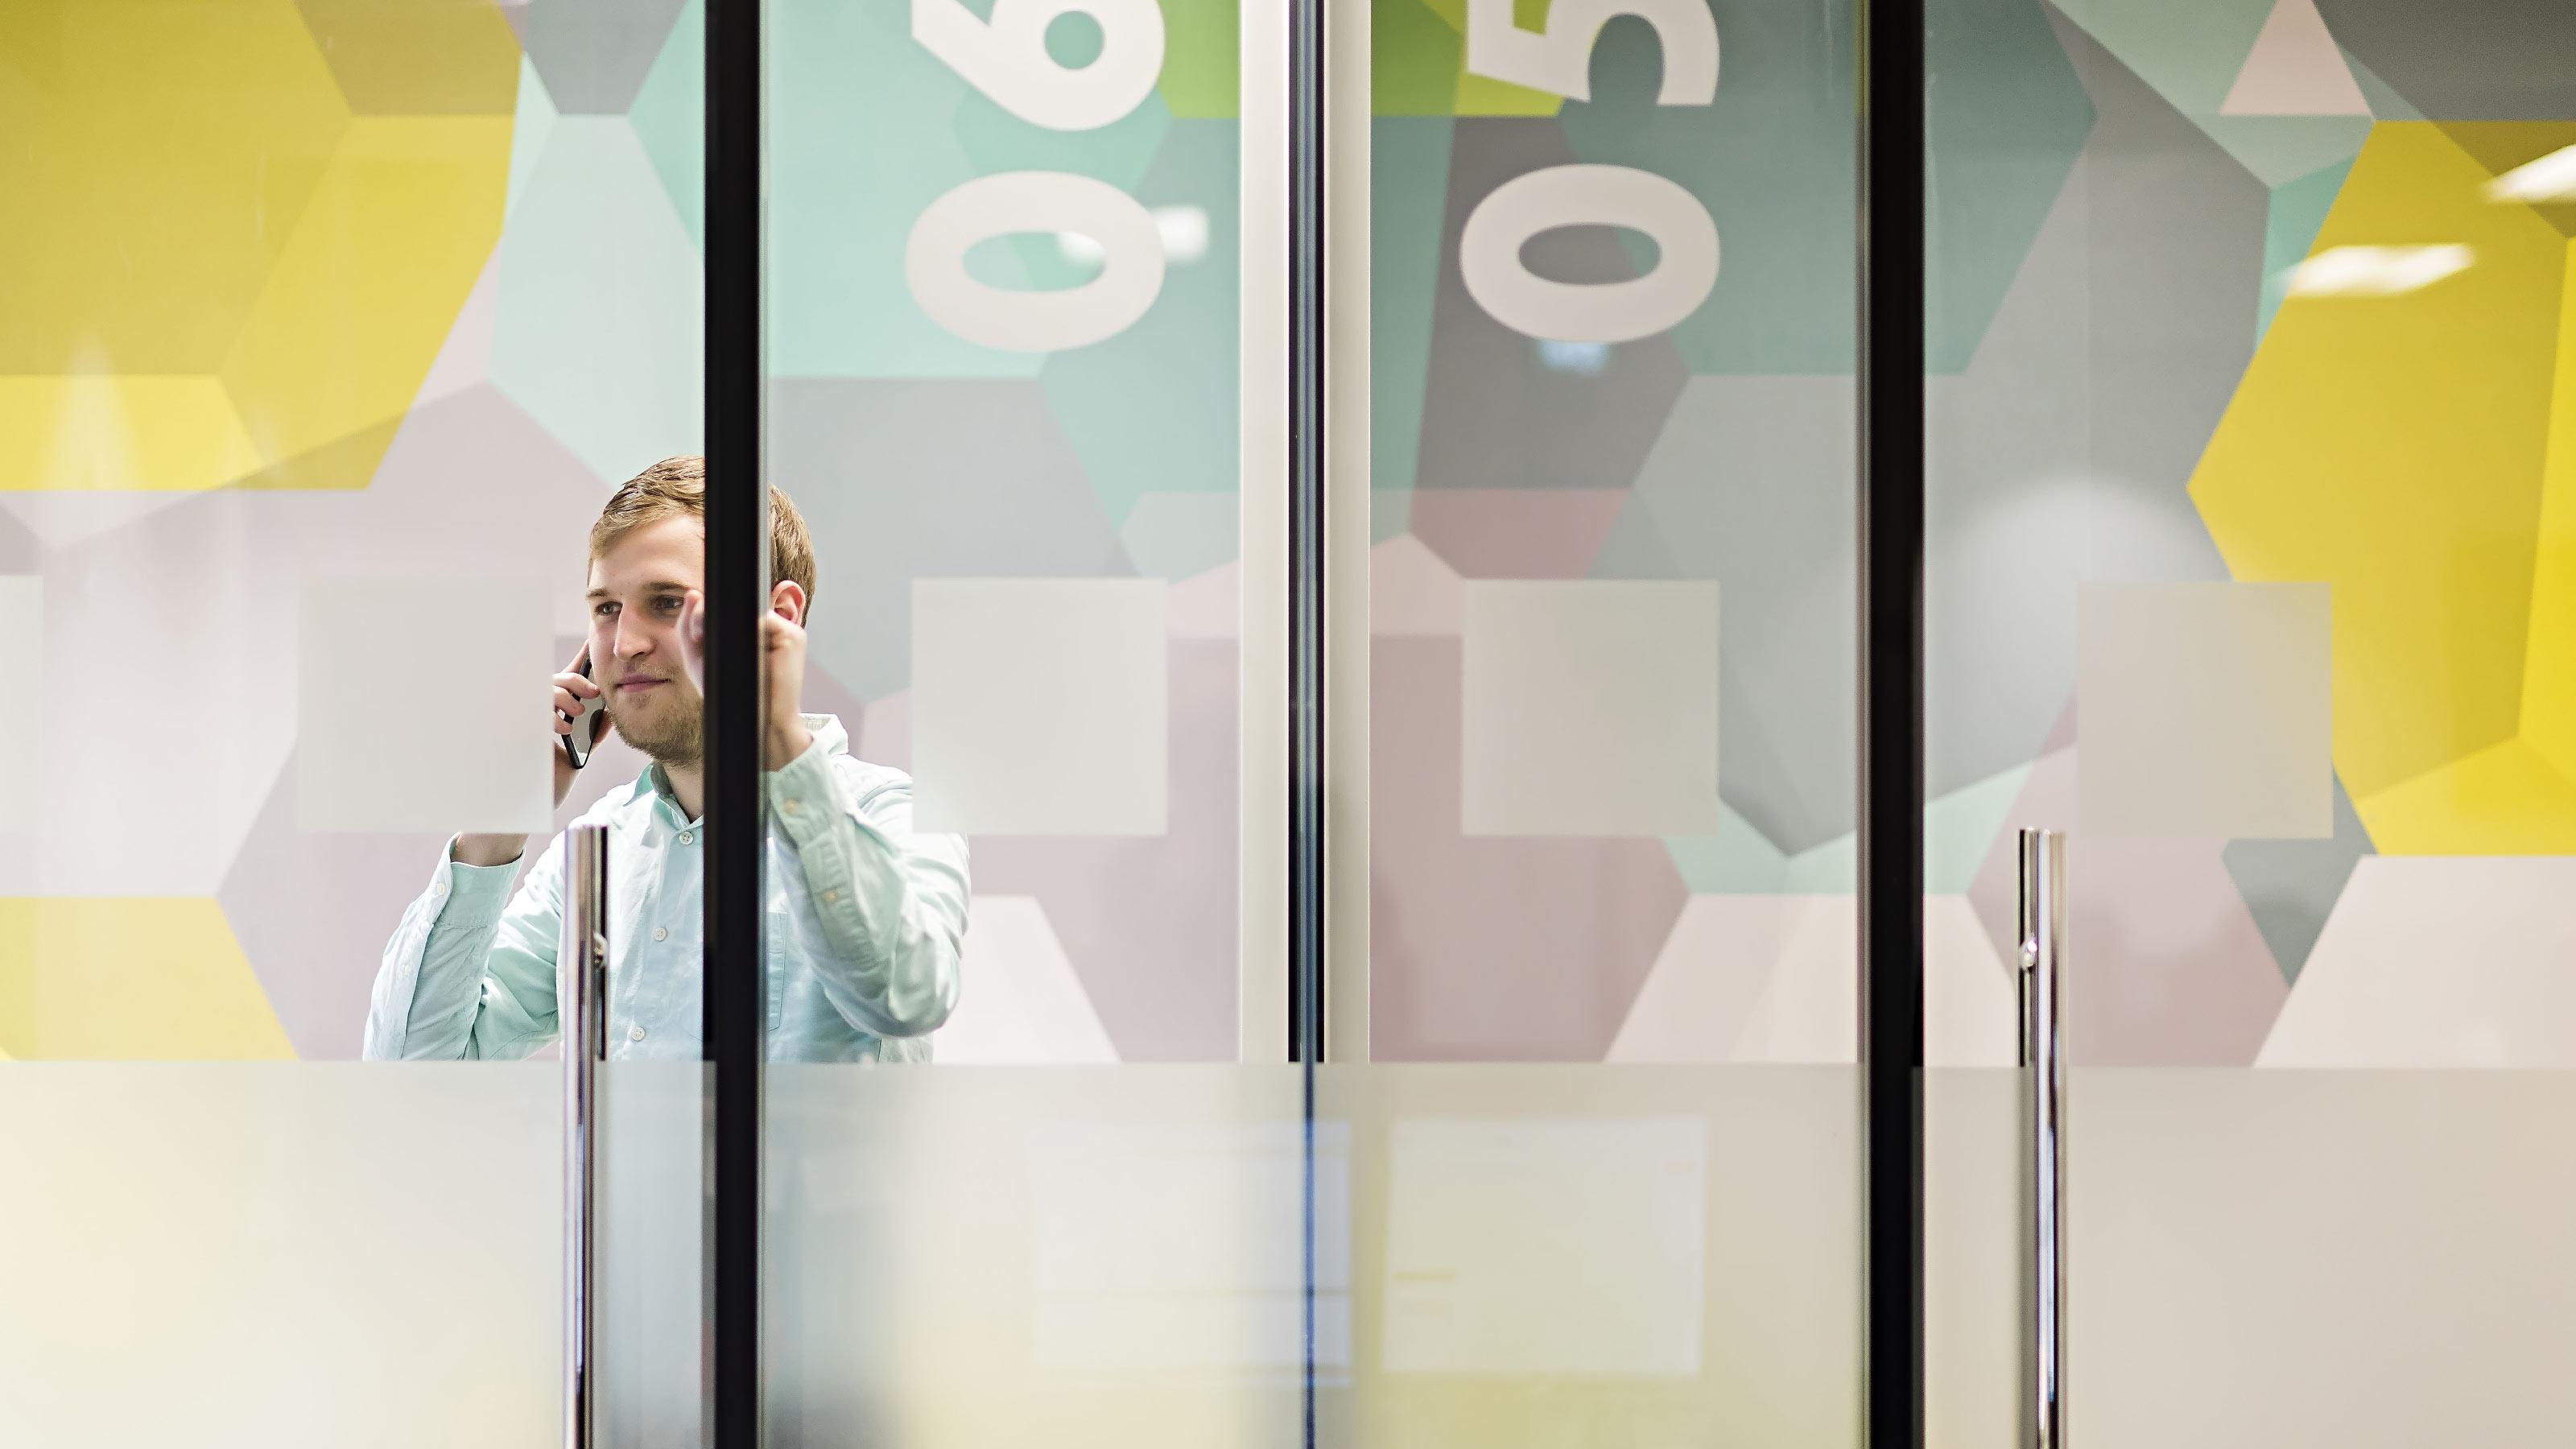 Brand phone call StyleAnalytics